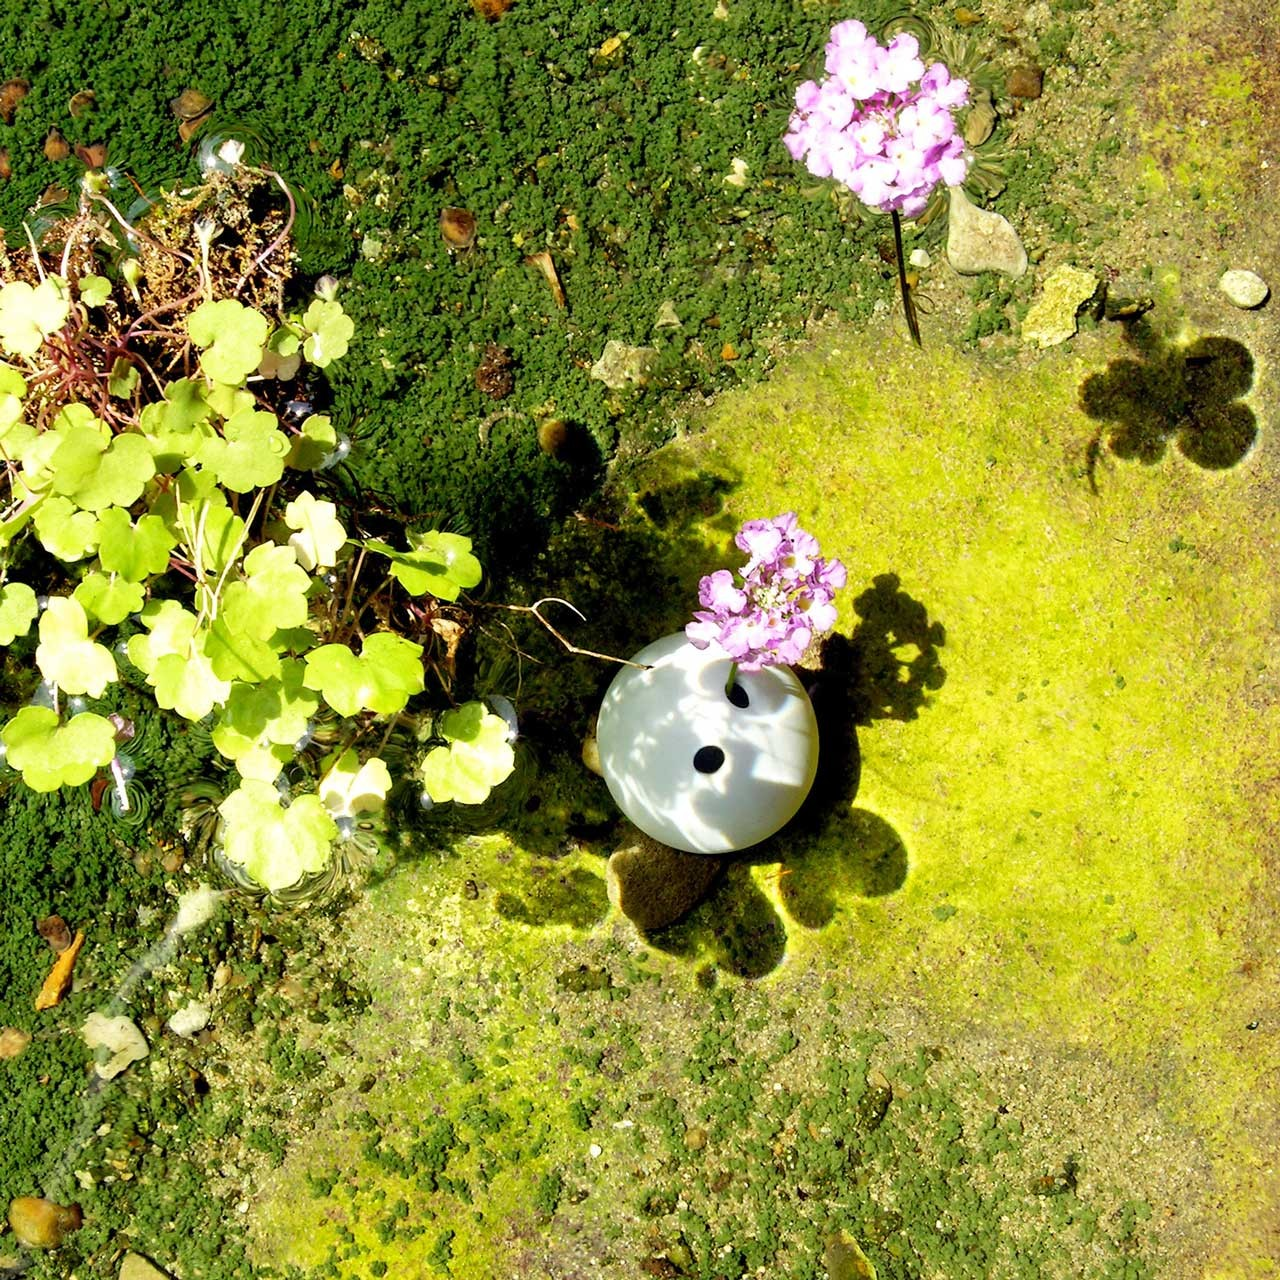 Laure-Maud_06_photographe_jardin_Brindi_3